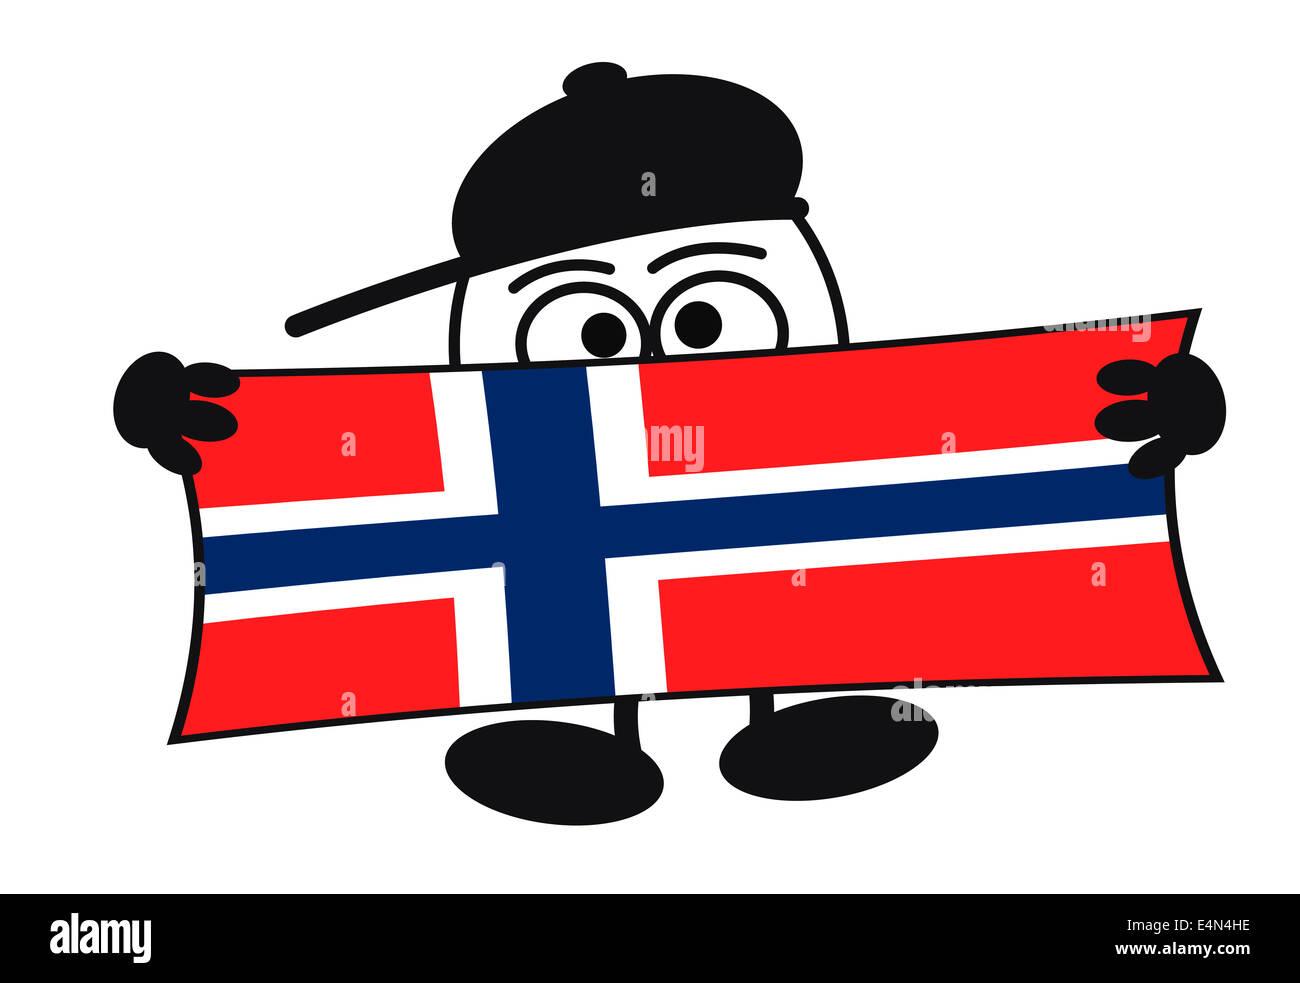 Bienvenida Eierkopf - Noruega Foto de stock